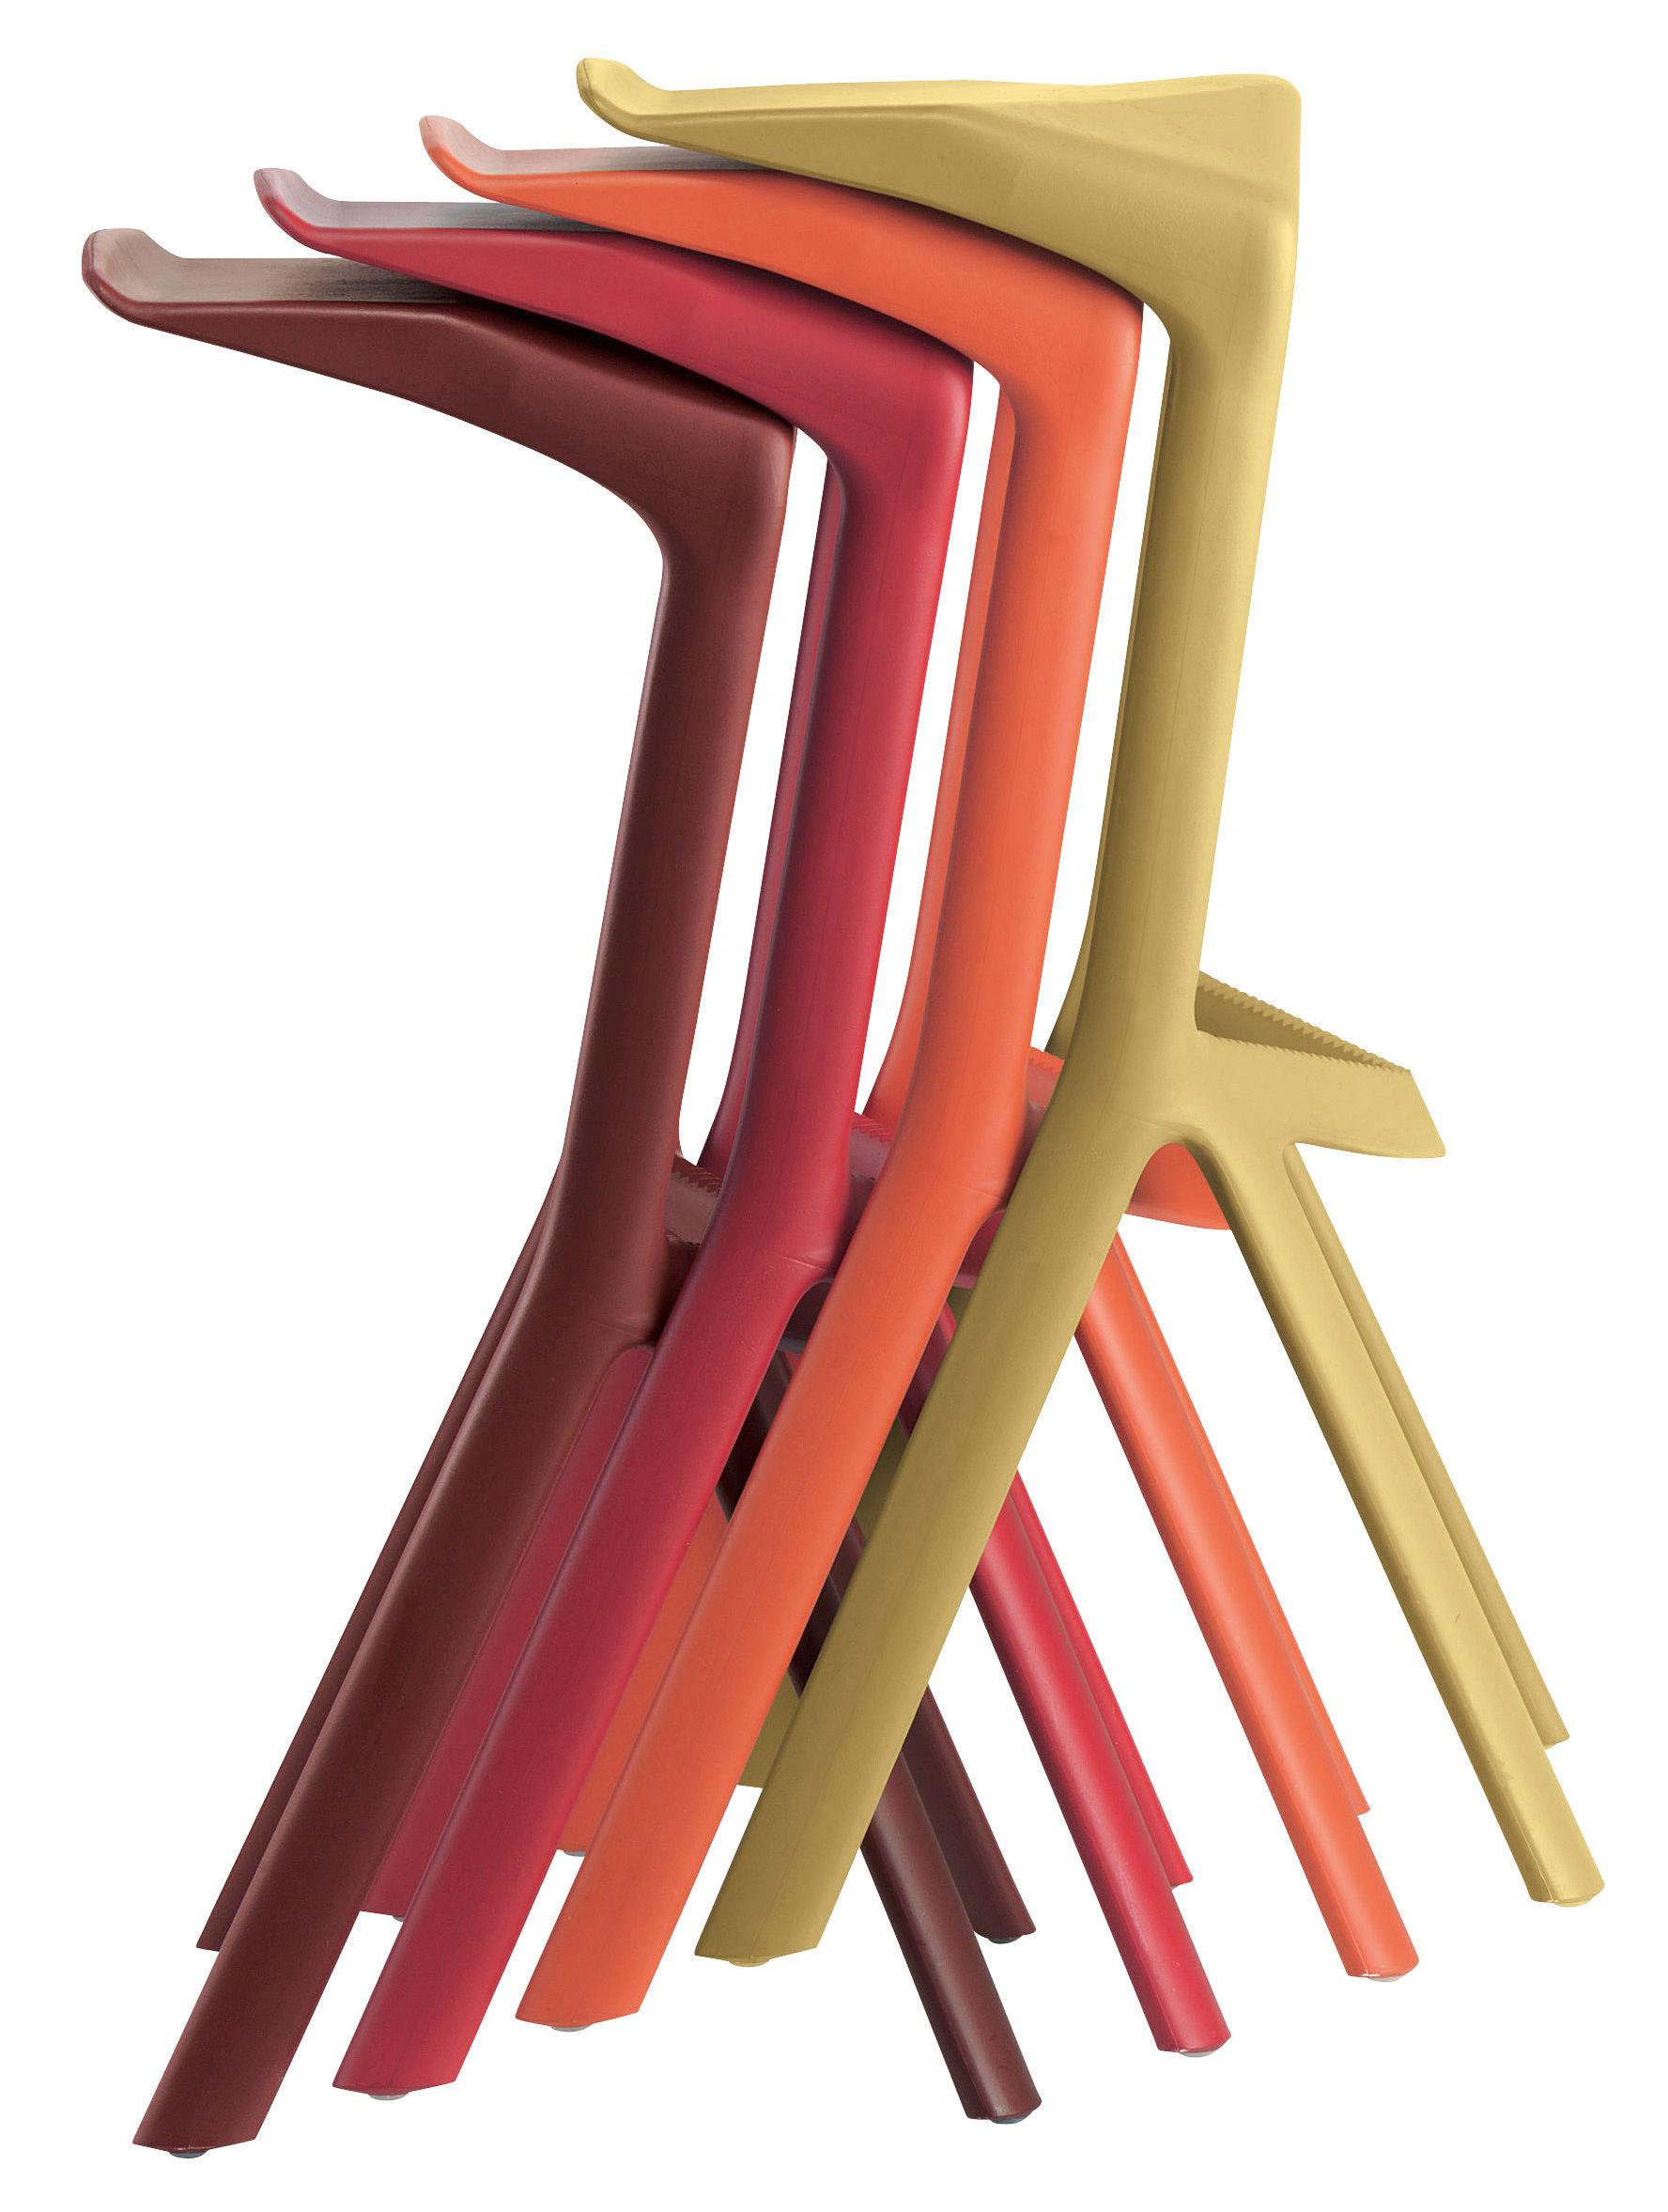 Möbel - Barhocker - Miura Barhocker - Plank - Anthrazitgrau - verstärktes Polypropylen